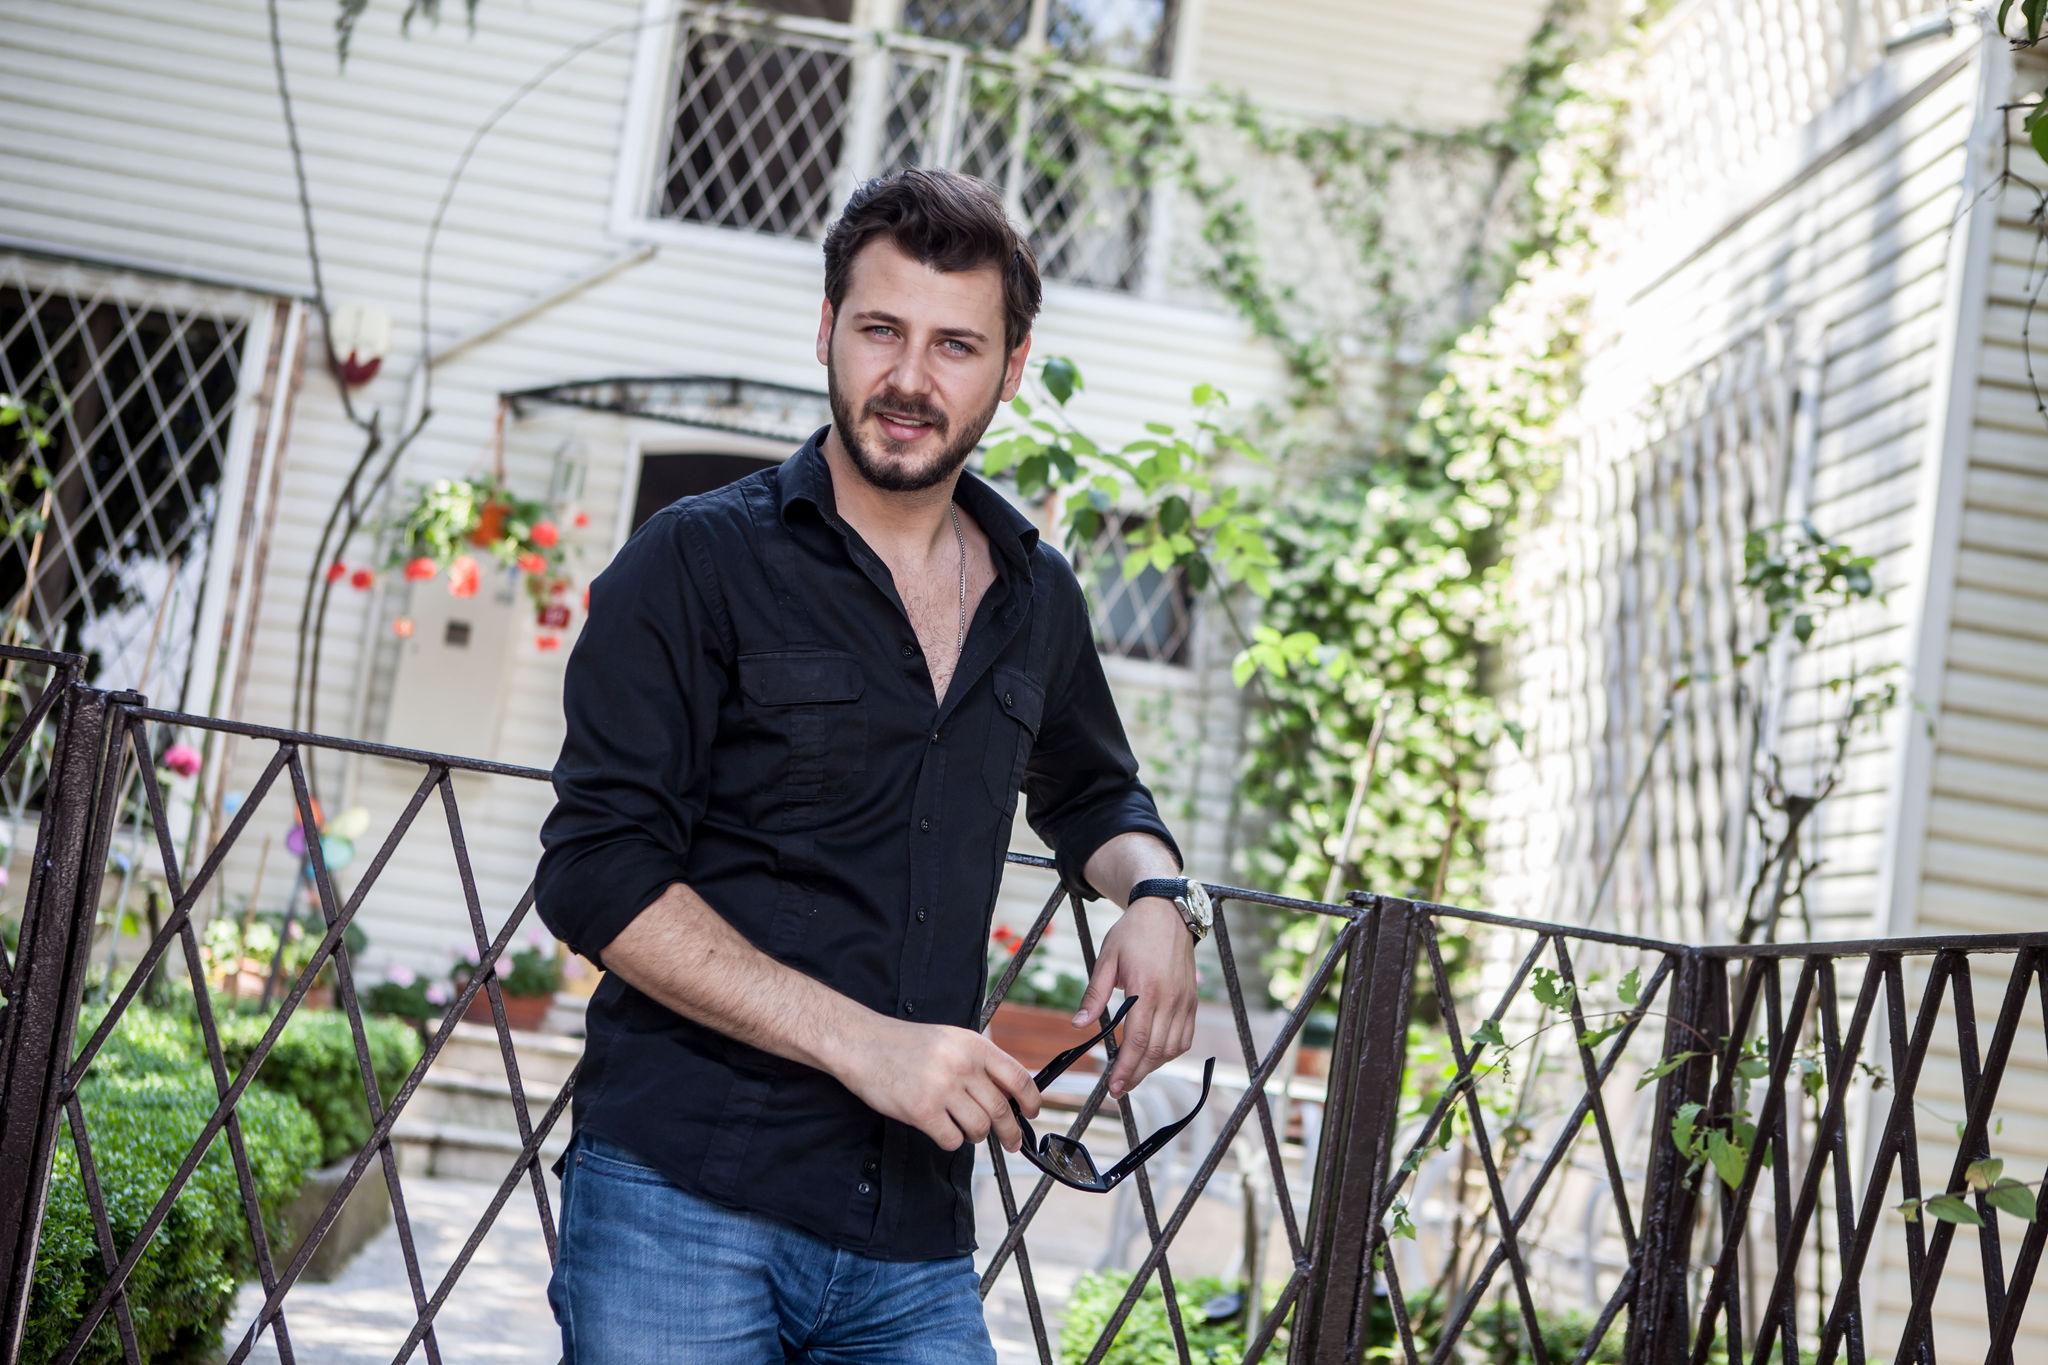 актер Умит Кантарджилар